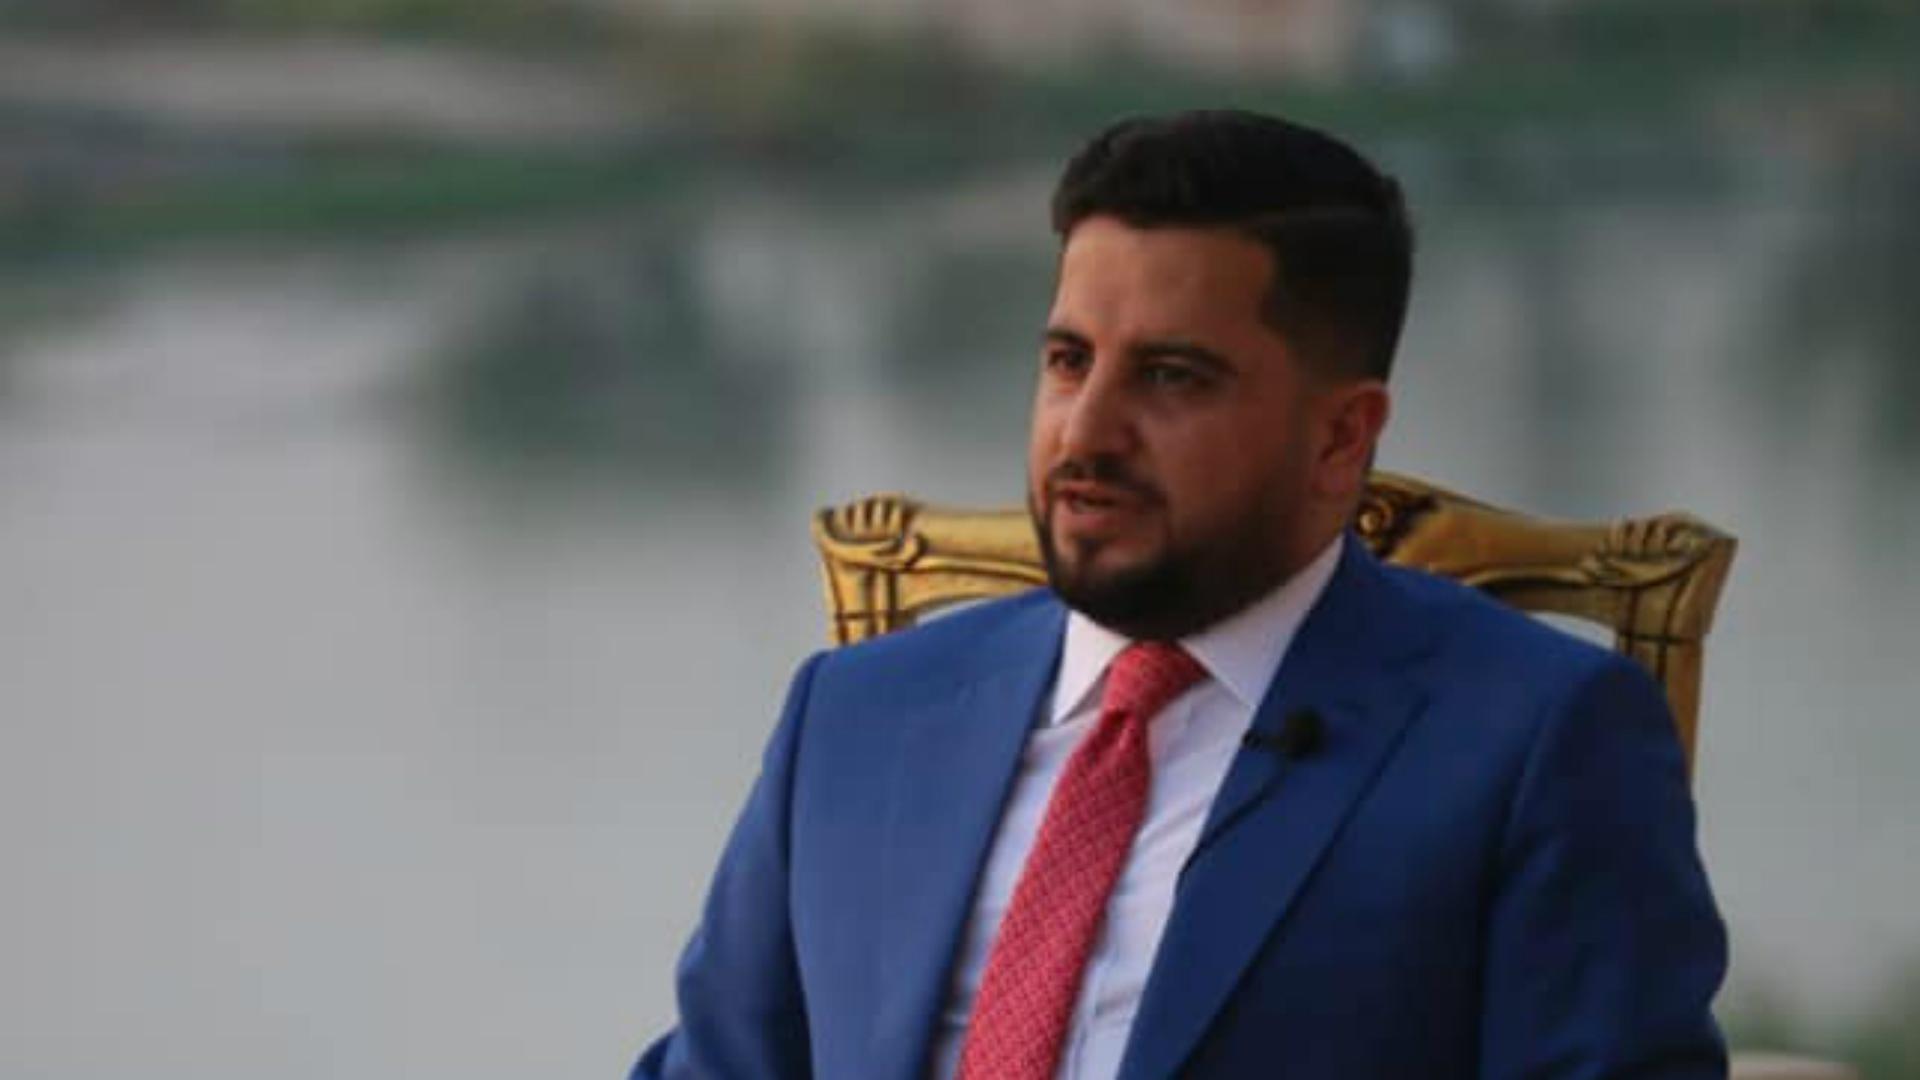 الحكم بالسجن 12 عاماً على محافظ بابل السابق بتهمة التزوير